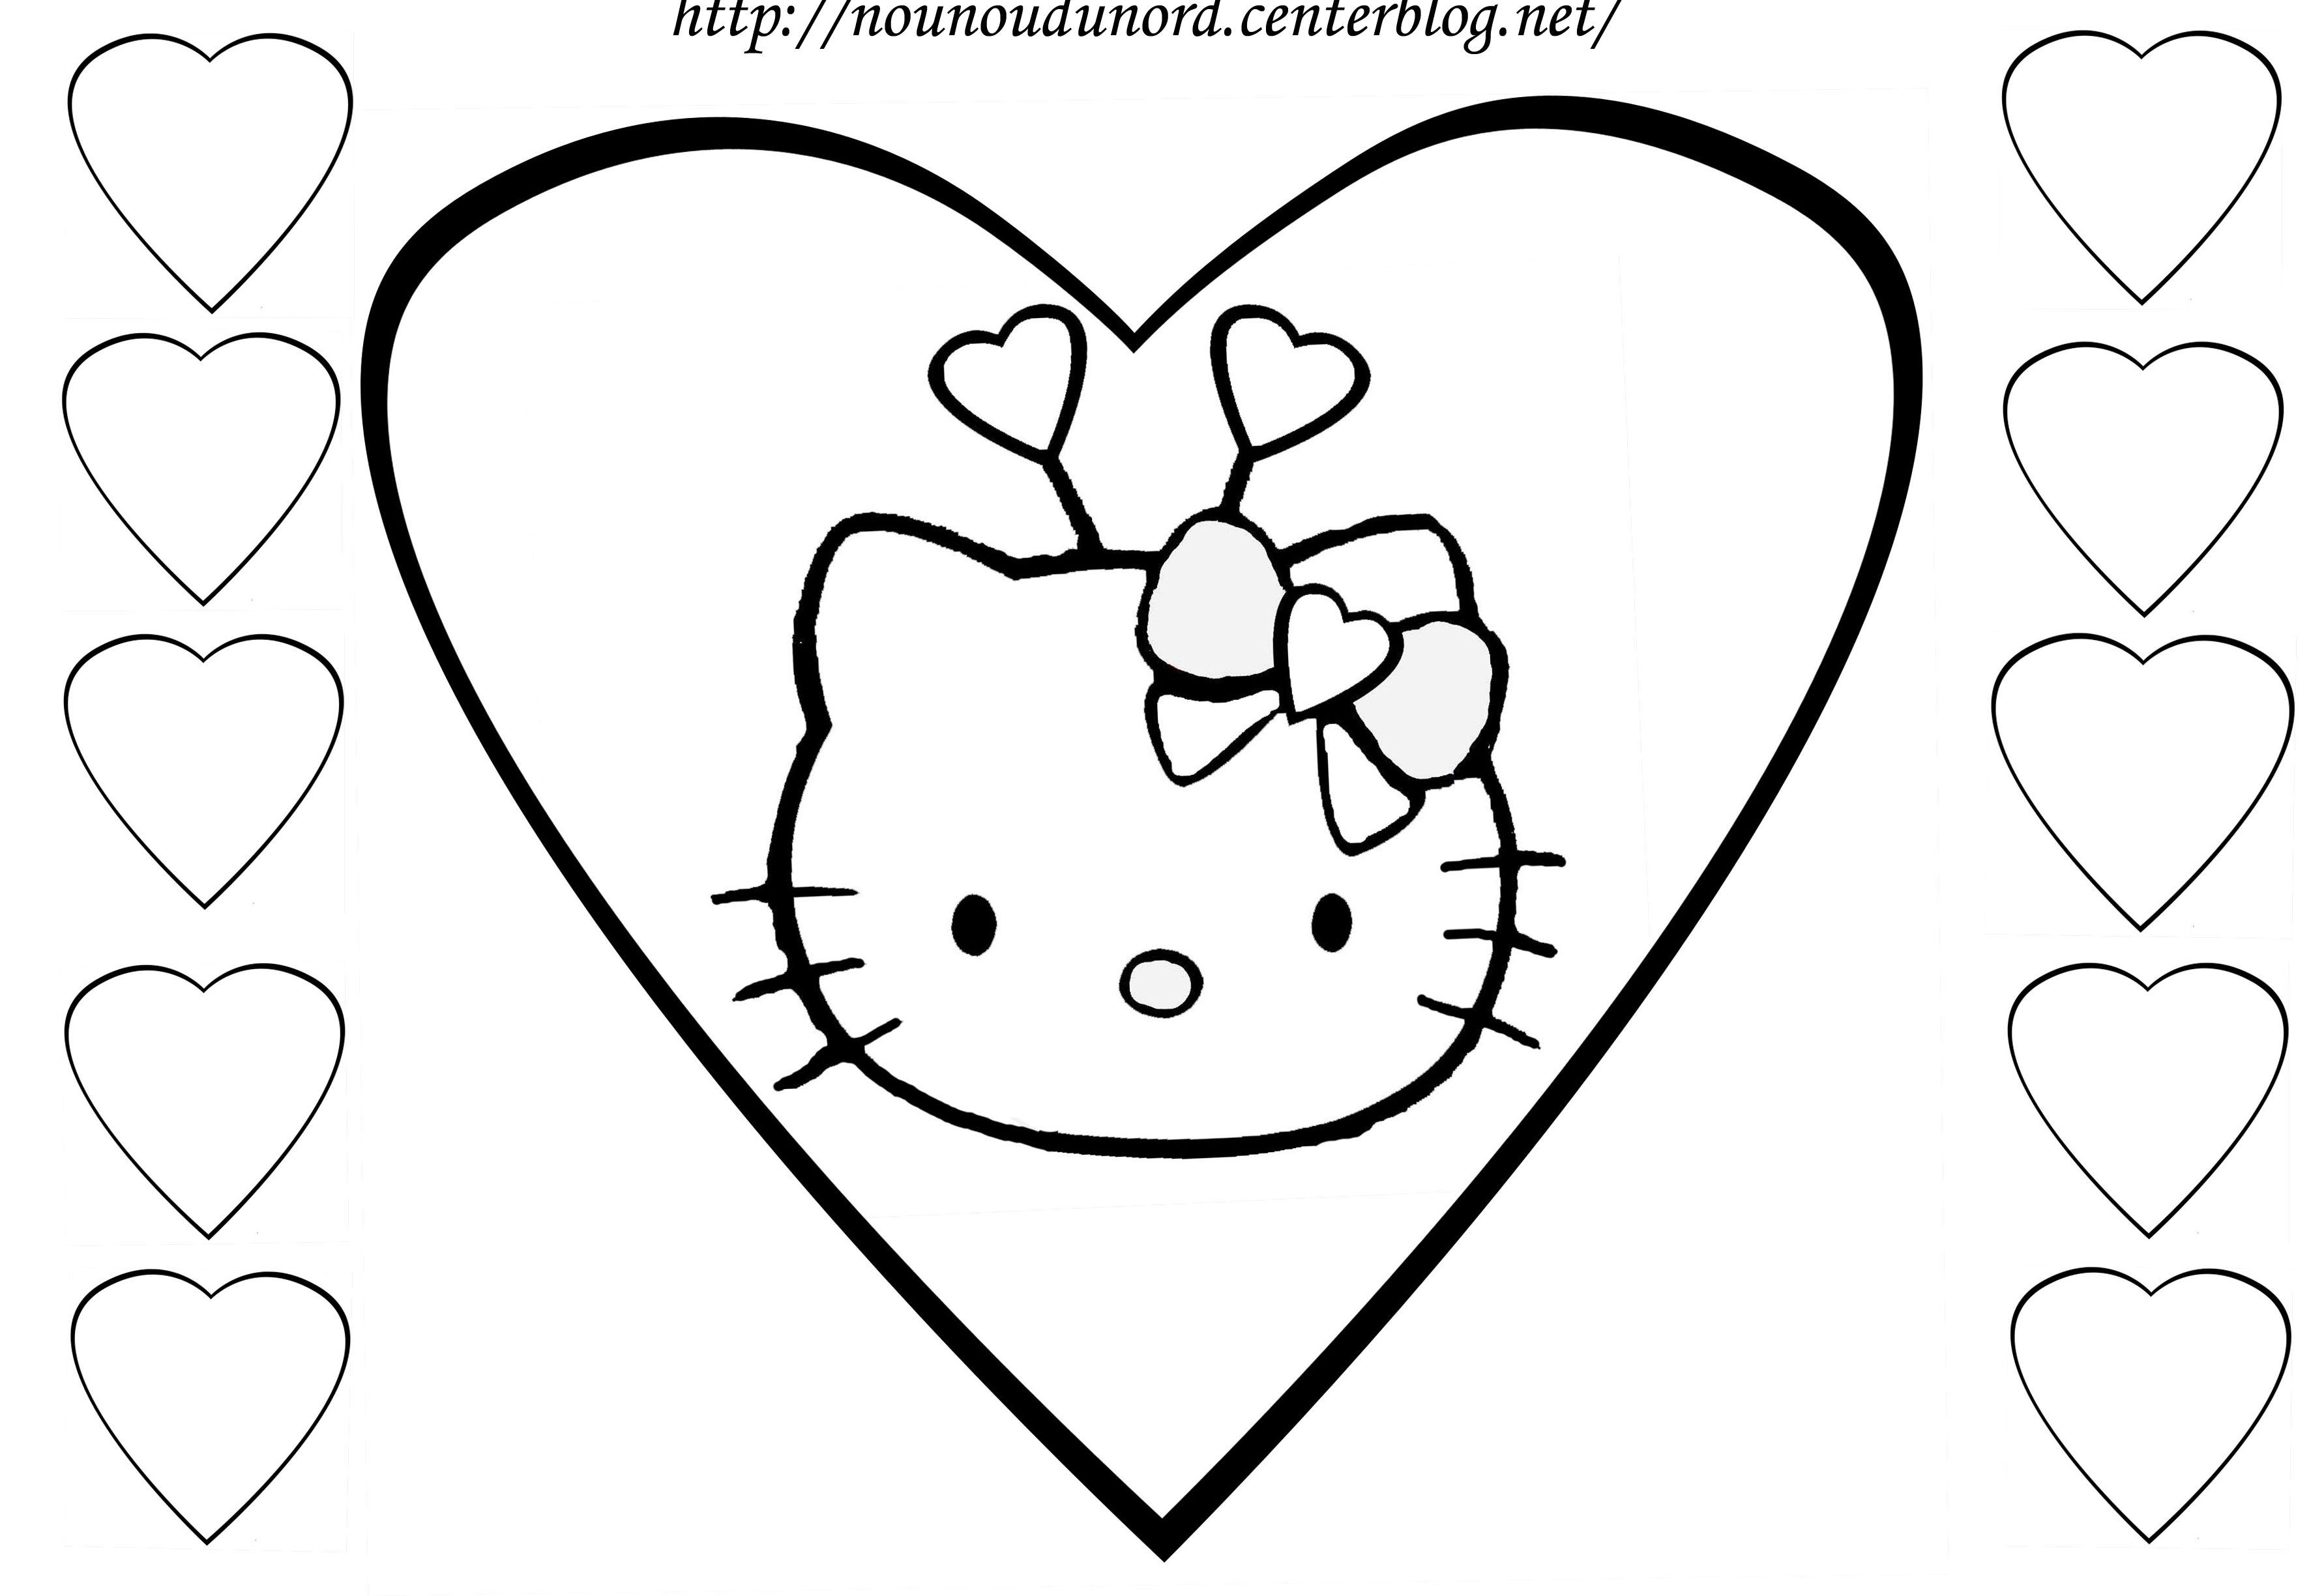 Coloriage hello kitty gratuit - dessin a imprimer #26